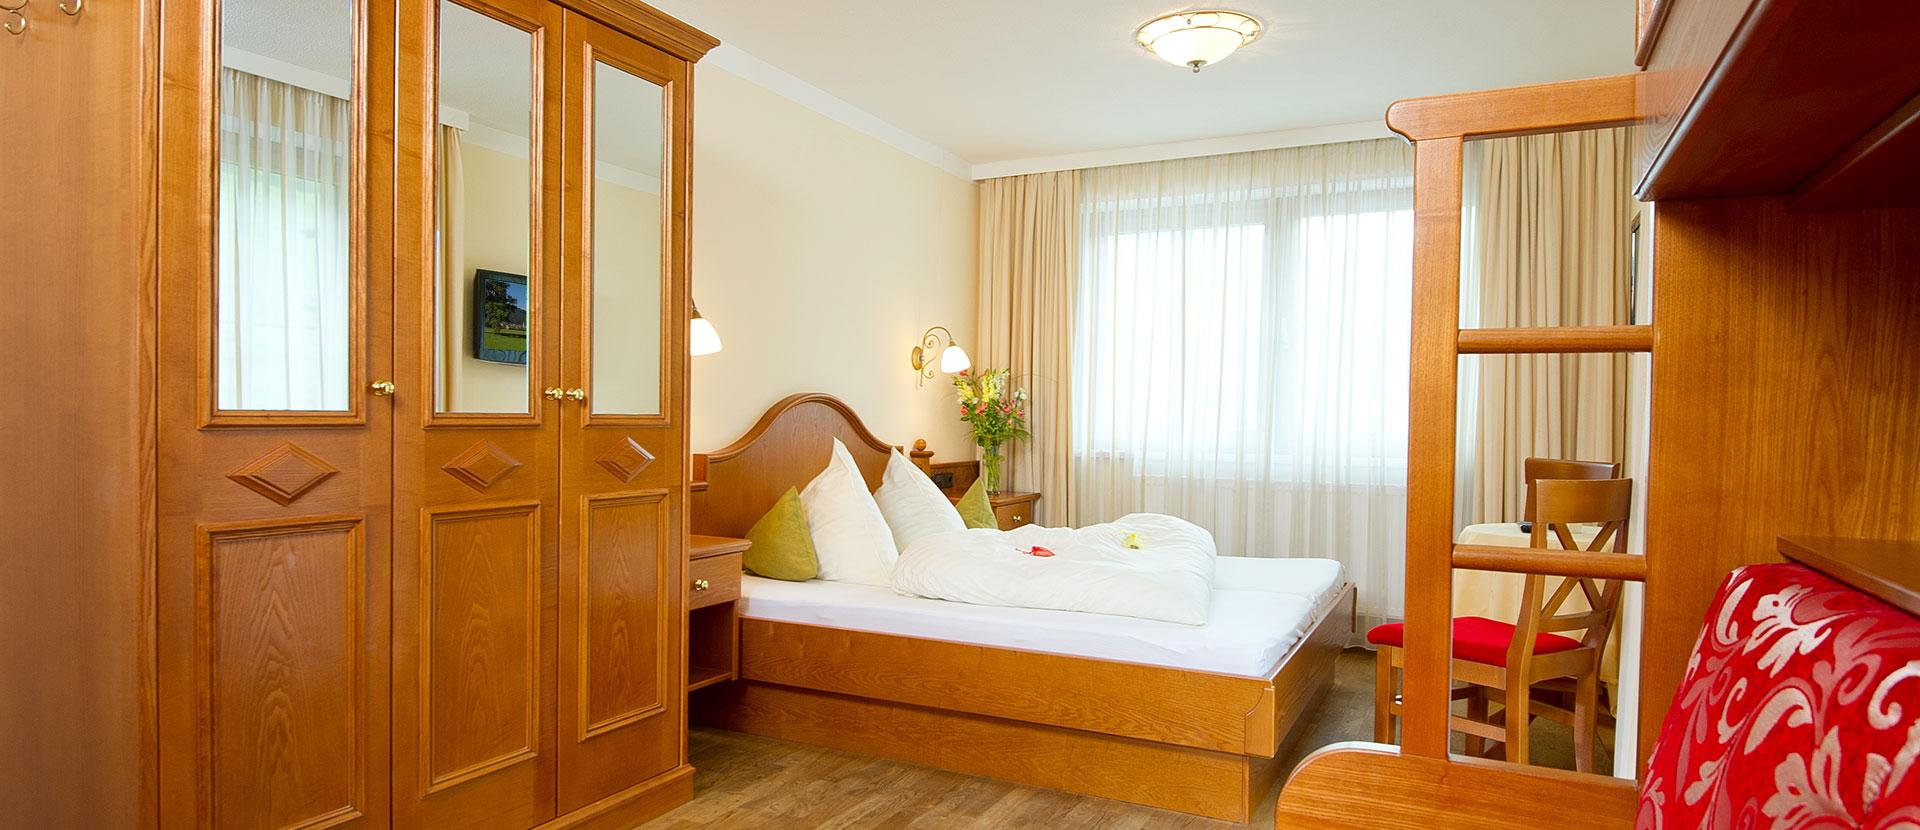 Familiensuite - Der Stieglerhof - Zimmer in Radstadt